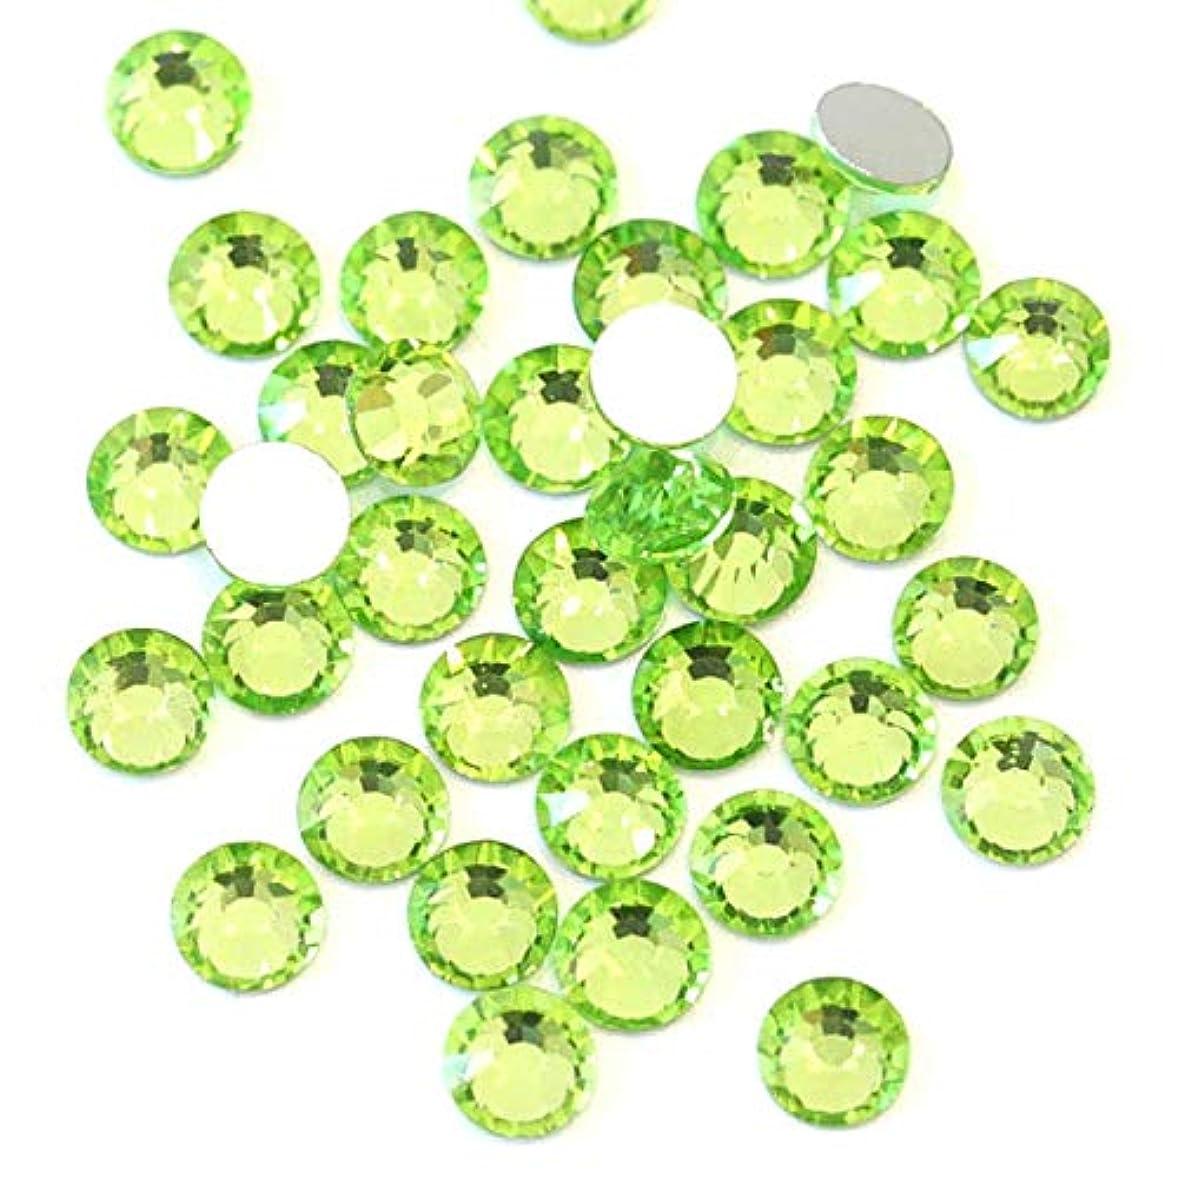 クレジットアリーナジョグ【ラインストーン77】 超高級 ガラス製ラインストーン SS4~SS30 ペリドット スワロフスキー同等 (1.5mm (SS4) 約200粒)